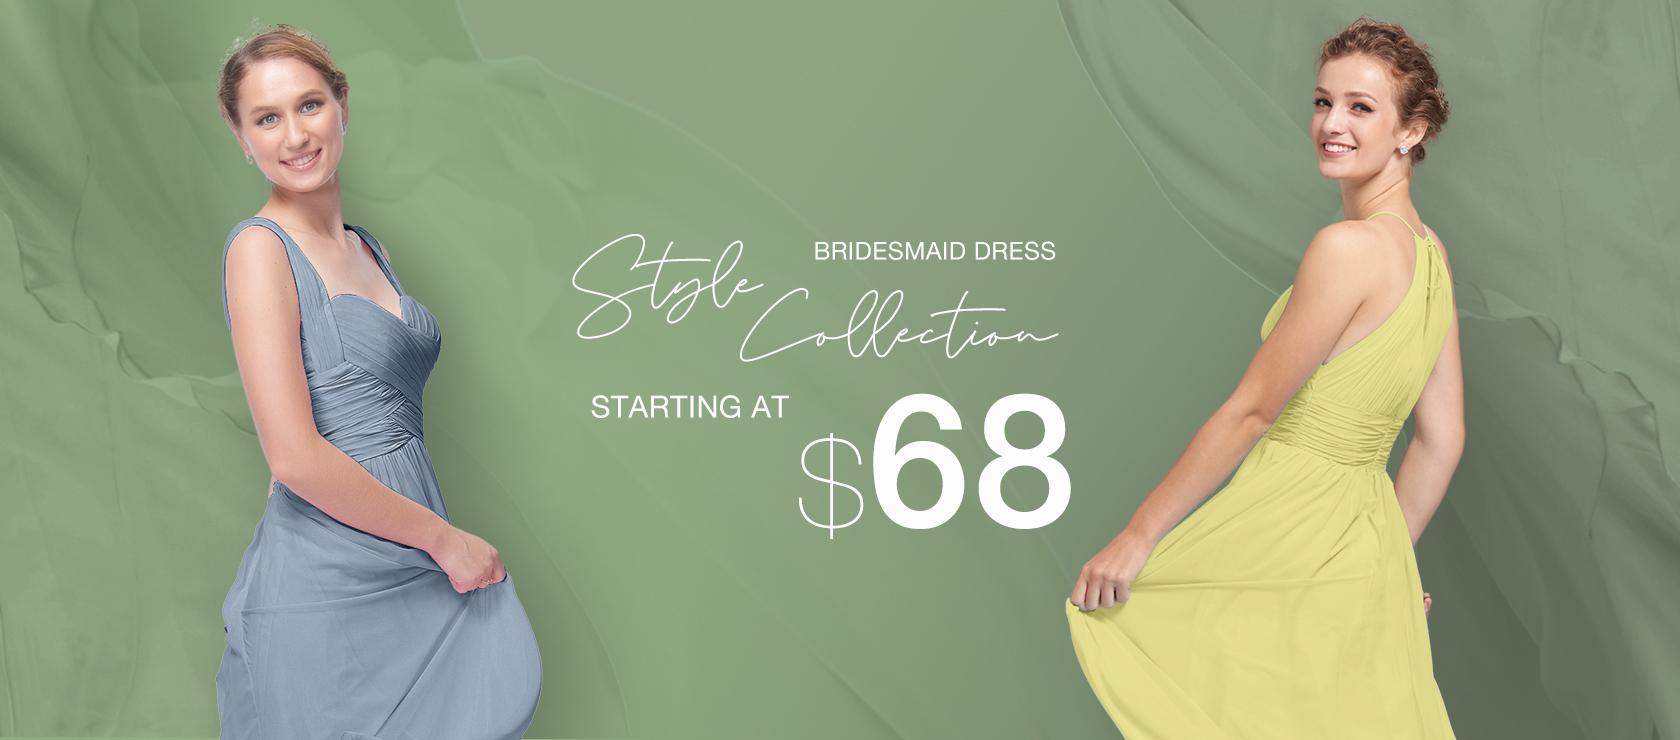 BRIDESMAIDS starting at 68